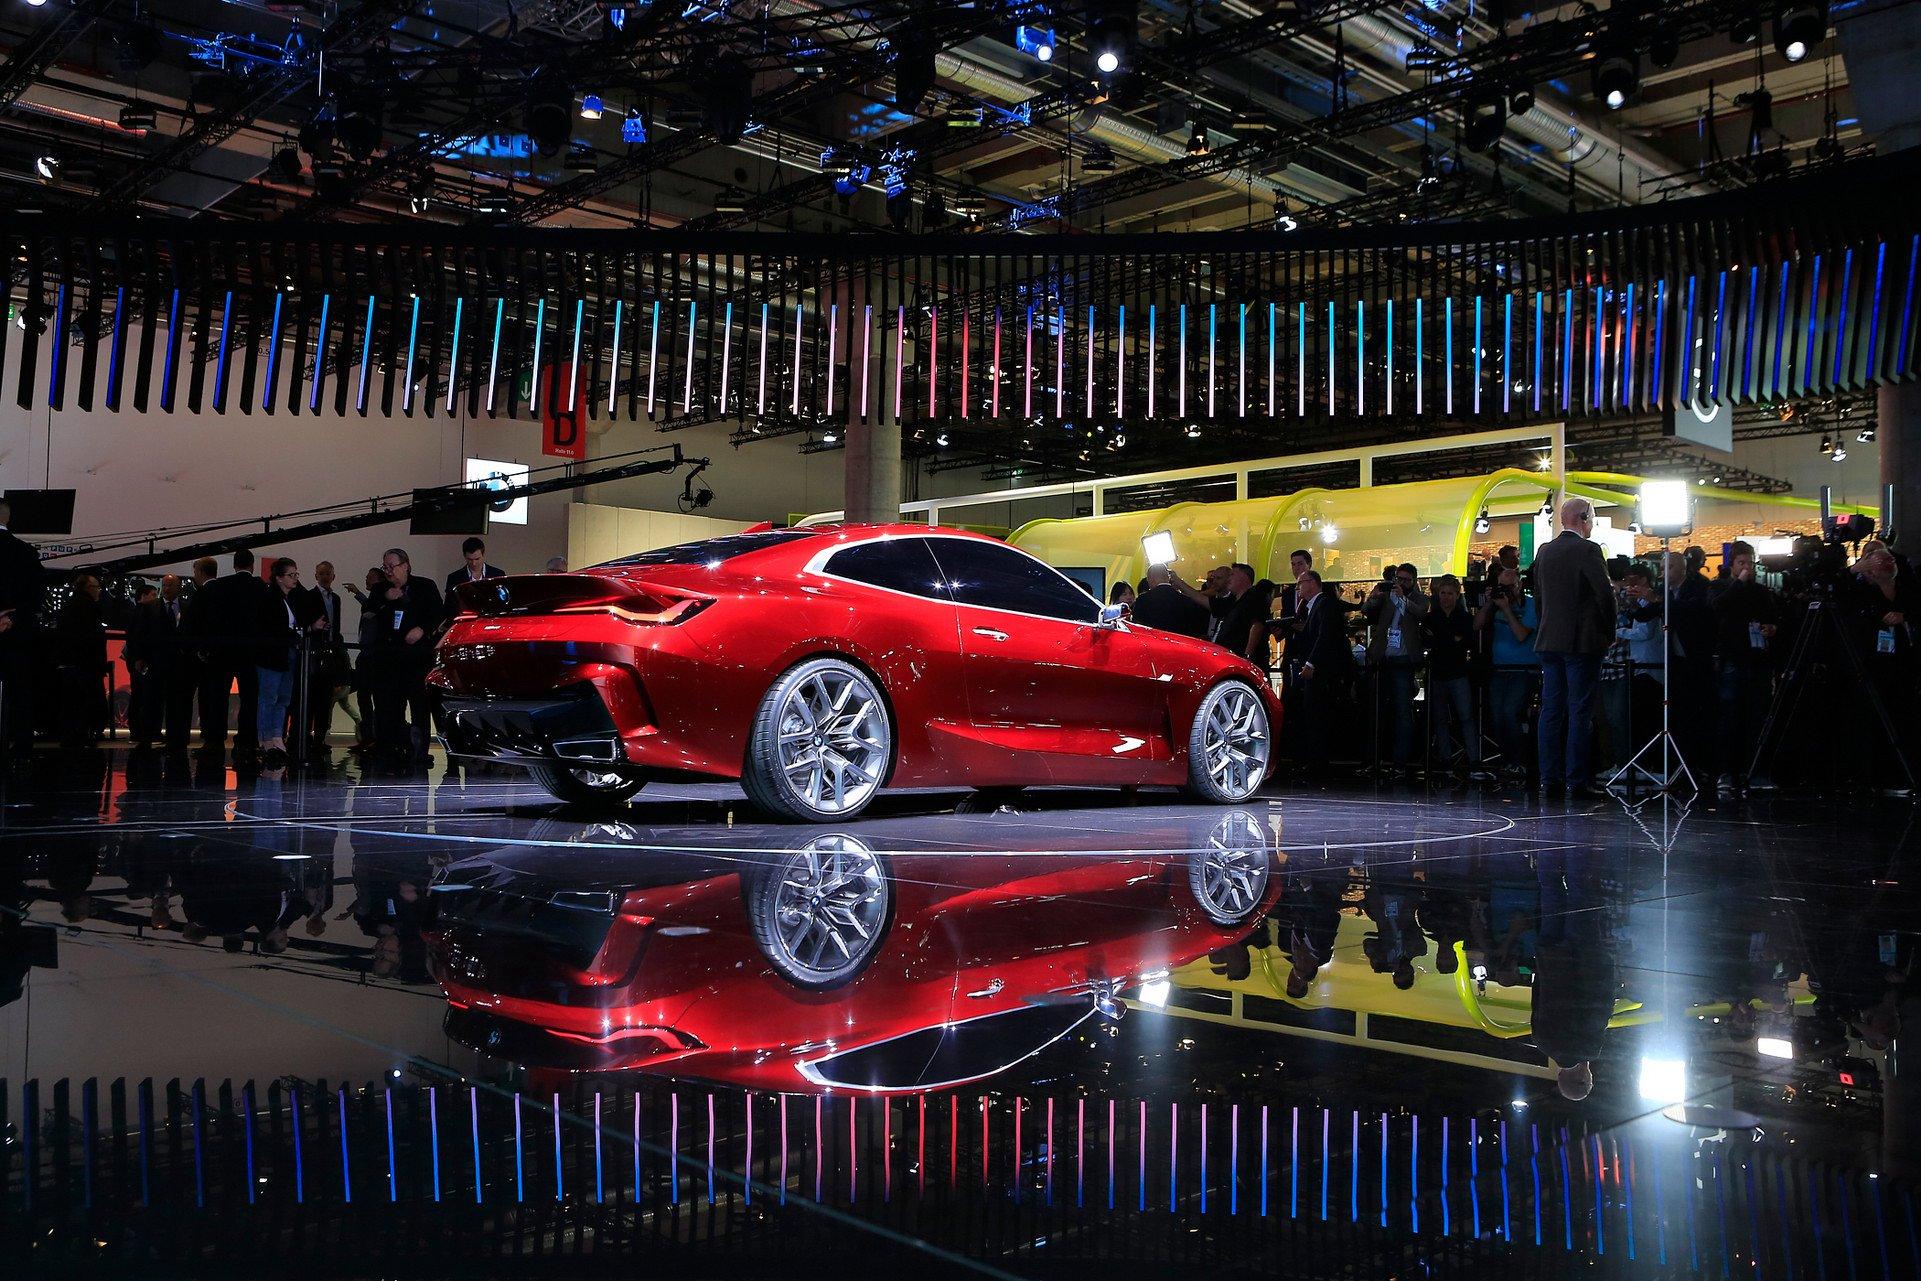 Первые фото нового купе BMW с гигантскими ноздрями